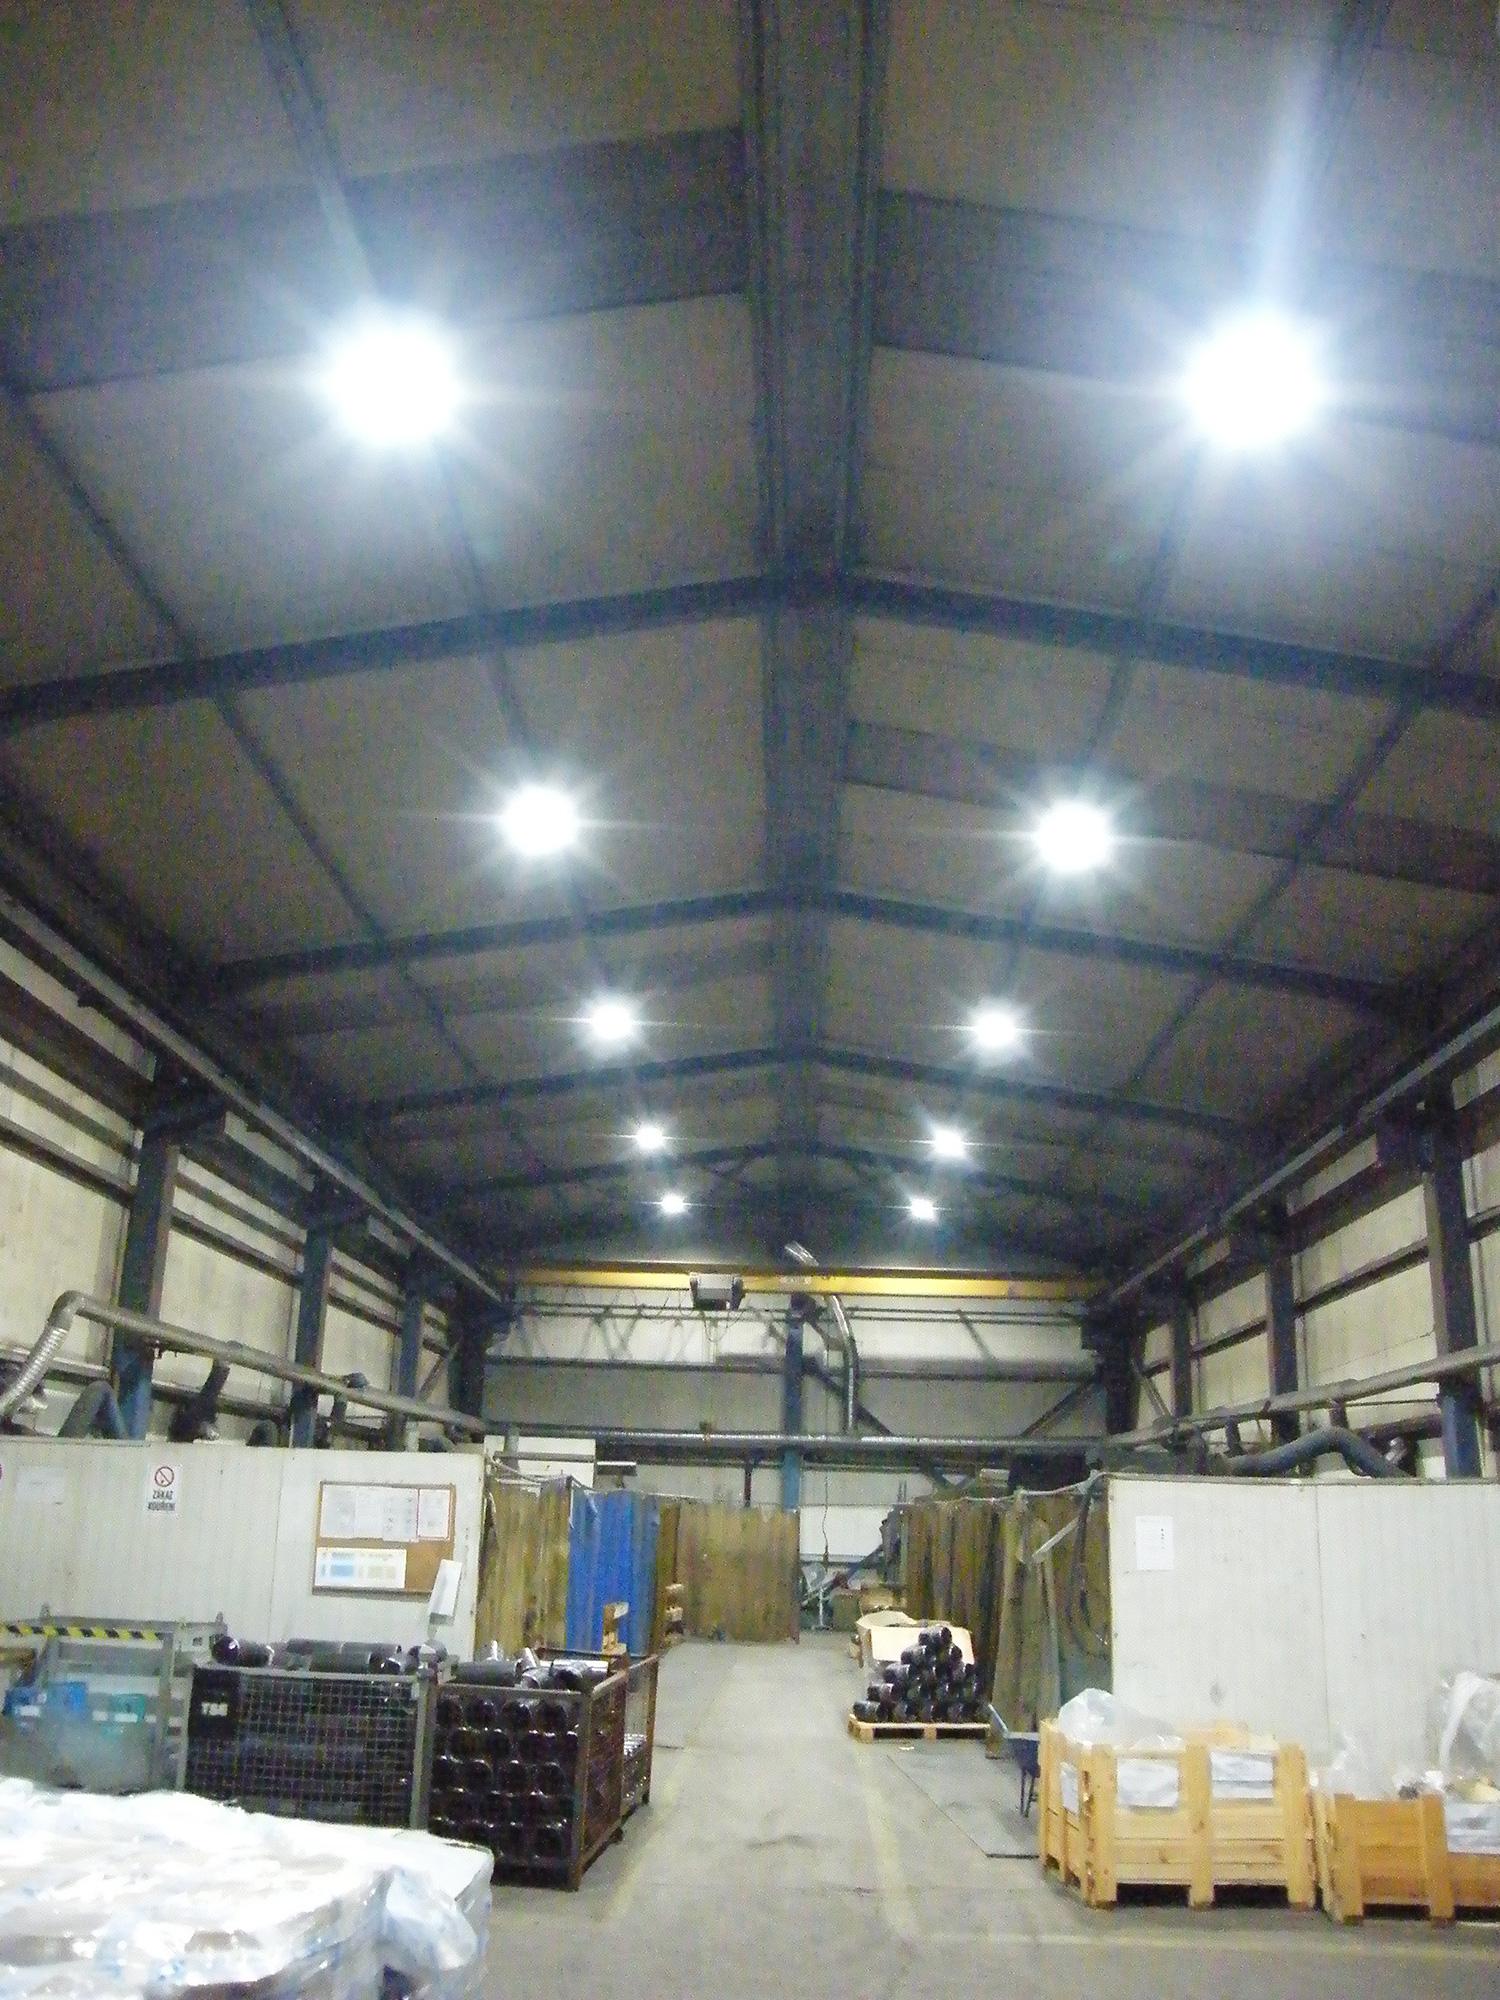 gillessen-beleuchtungstechnik-gbt-coesfeld-led